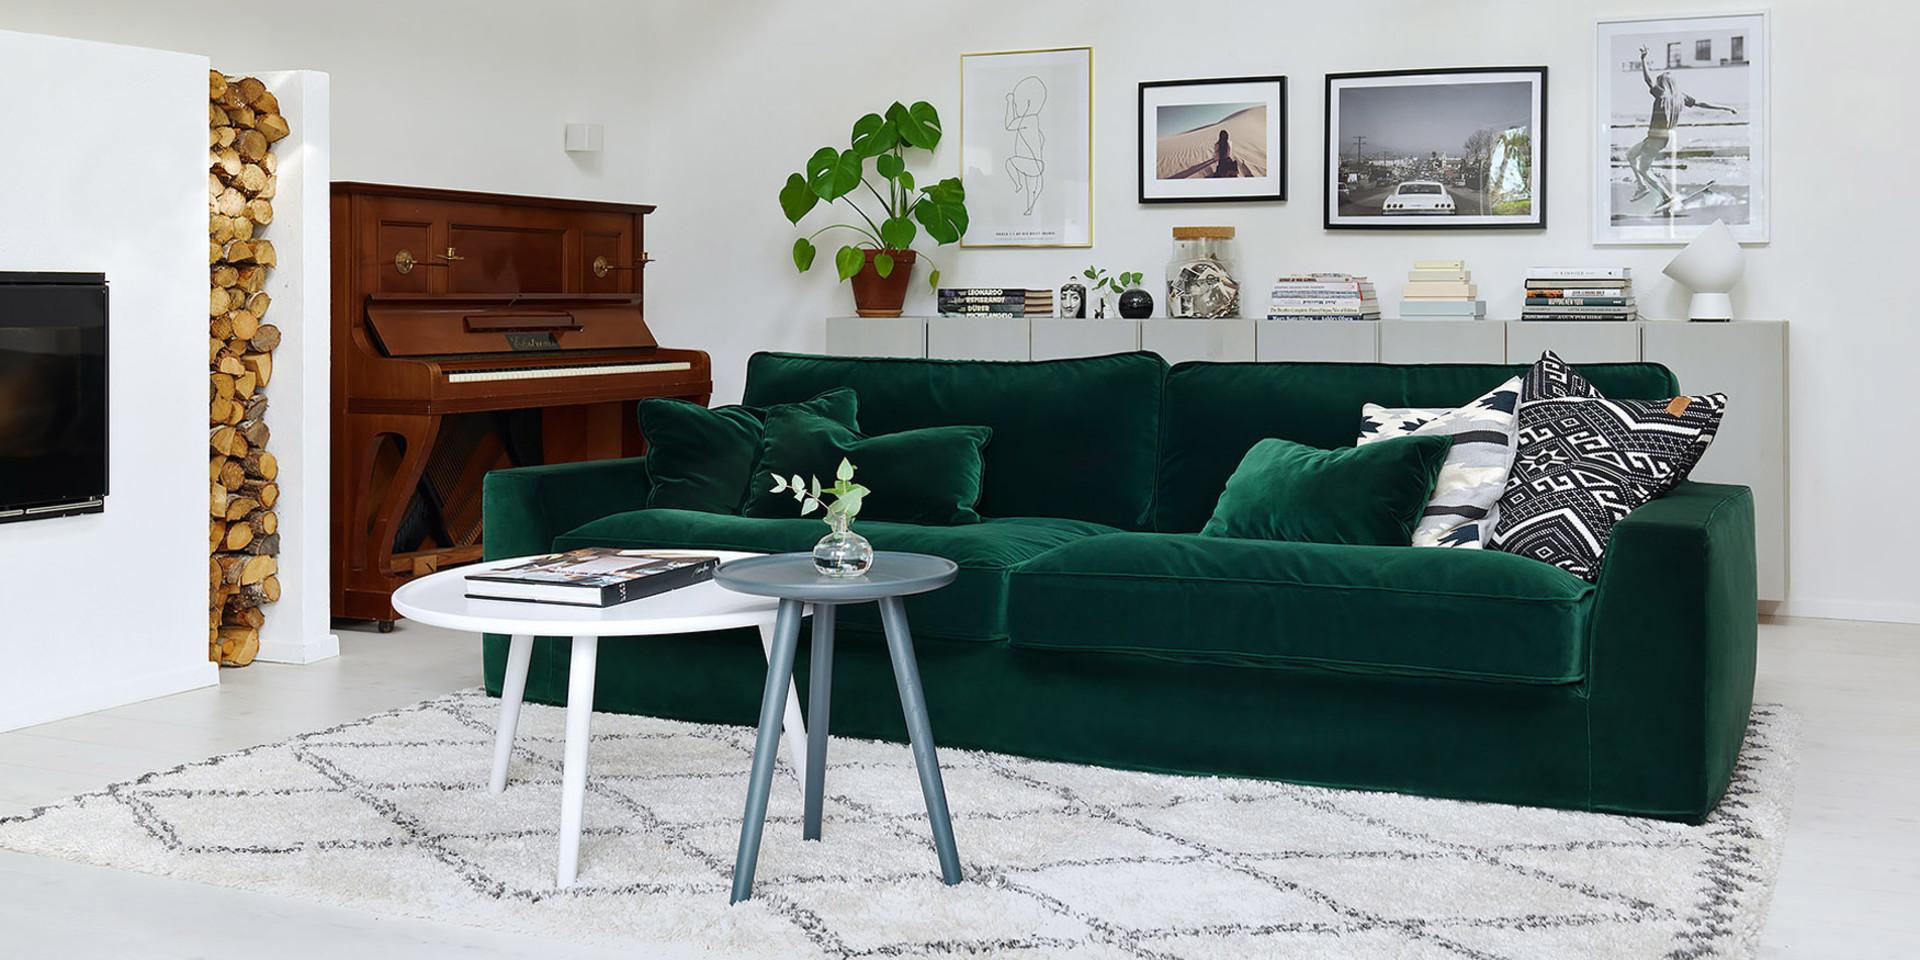 3New-York-So4-Lario-1402-dark-green